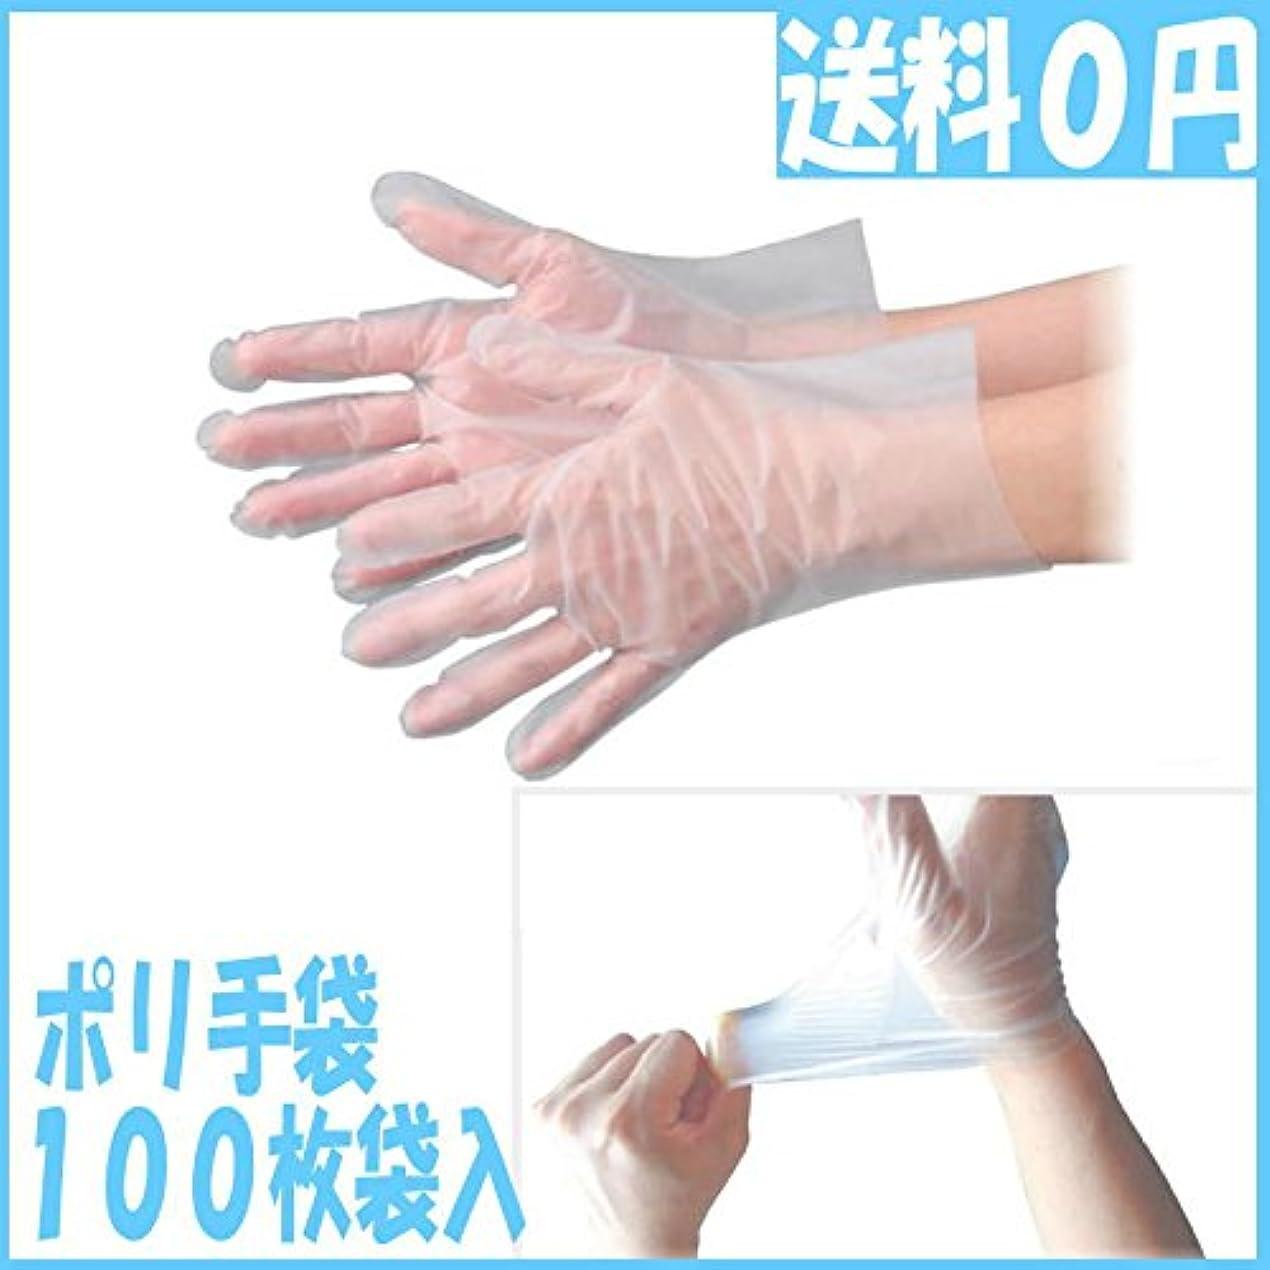 手順放送放射する使い捨てポリエチレン手袋 100枚袋入り シルキータッチ35【ポリ手袋】 (S)